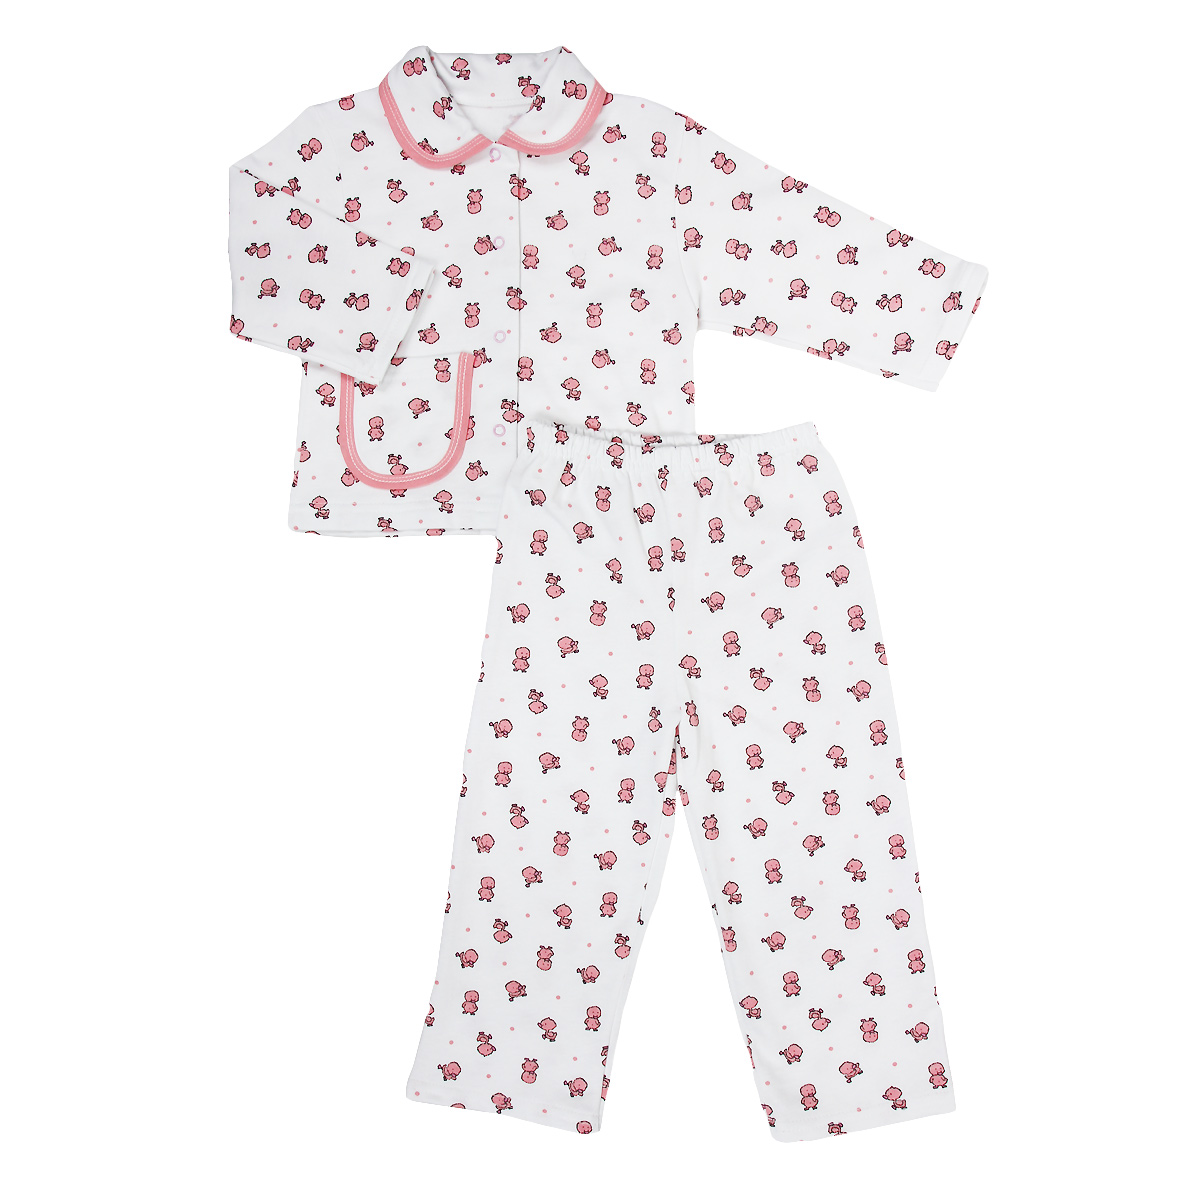 Пижама детская Трон-плюс, цвет: белый, розовый, рисунок утята. 5552. Размер 80/86, 1-2 года